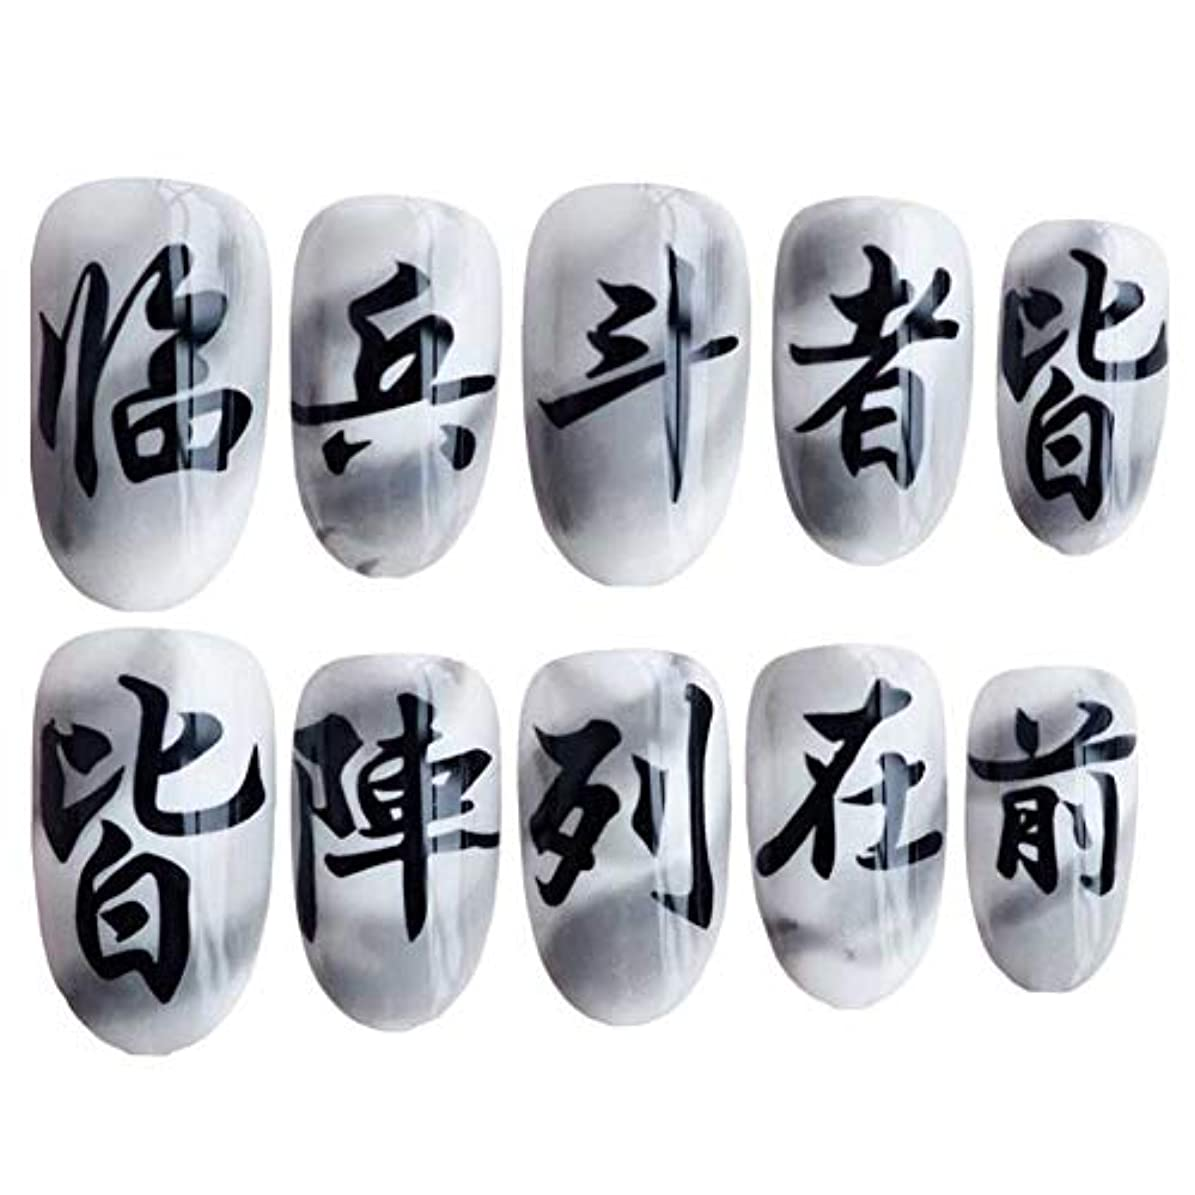 眼アンタゴニスト教養がある中国語文字灰色/白い偽爪爪人工爪装飾爪のヒント